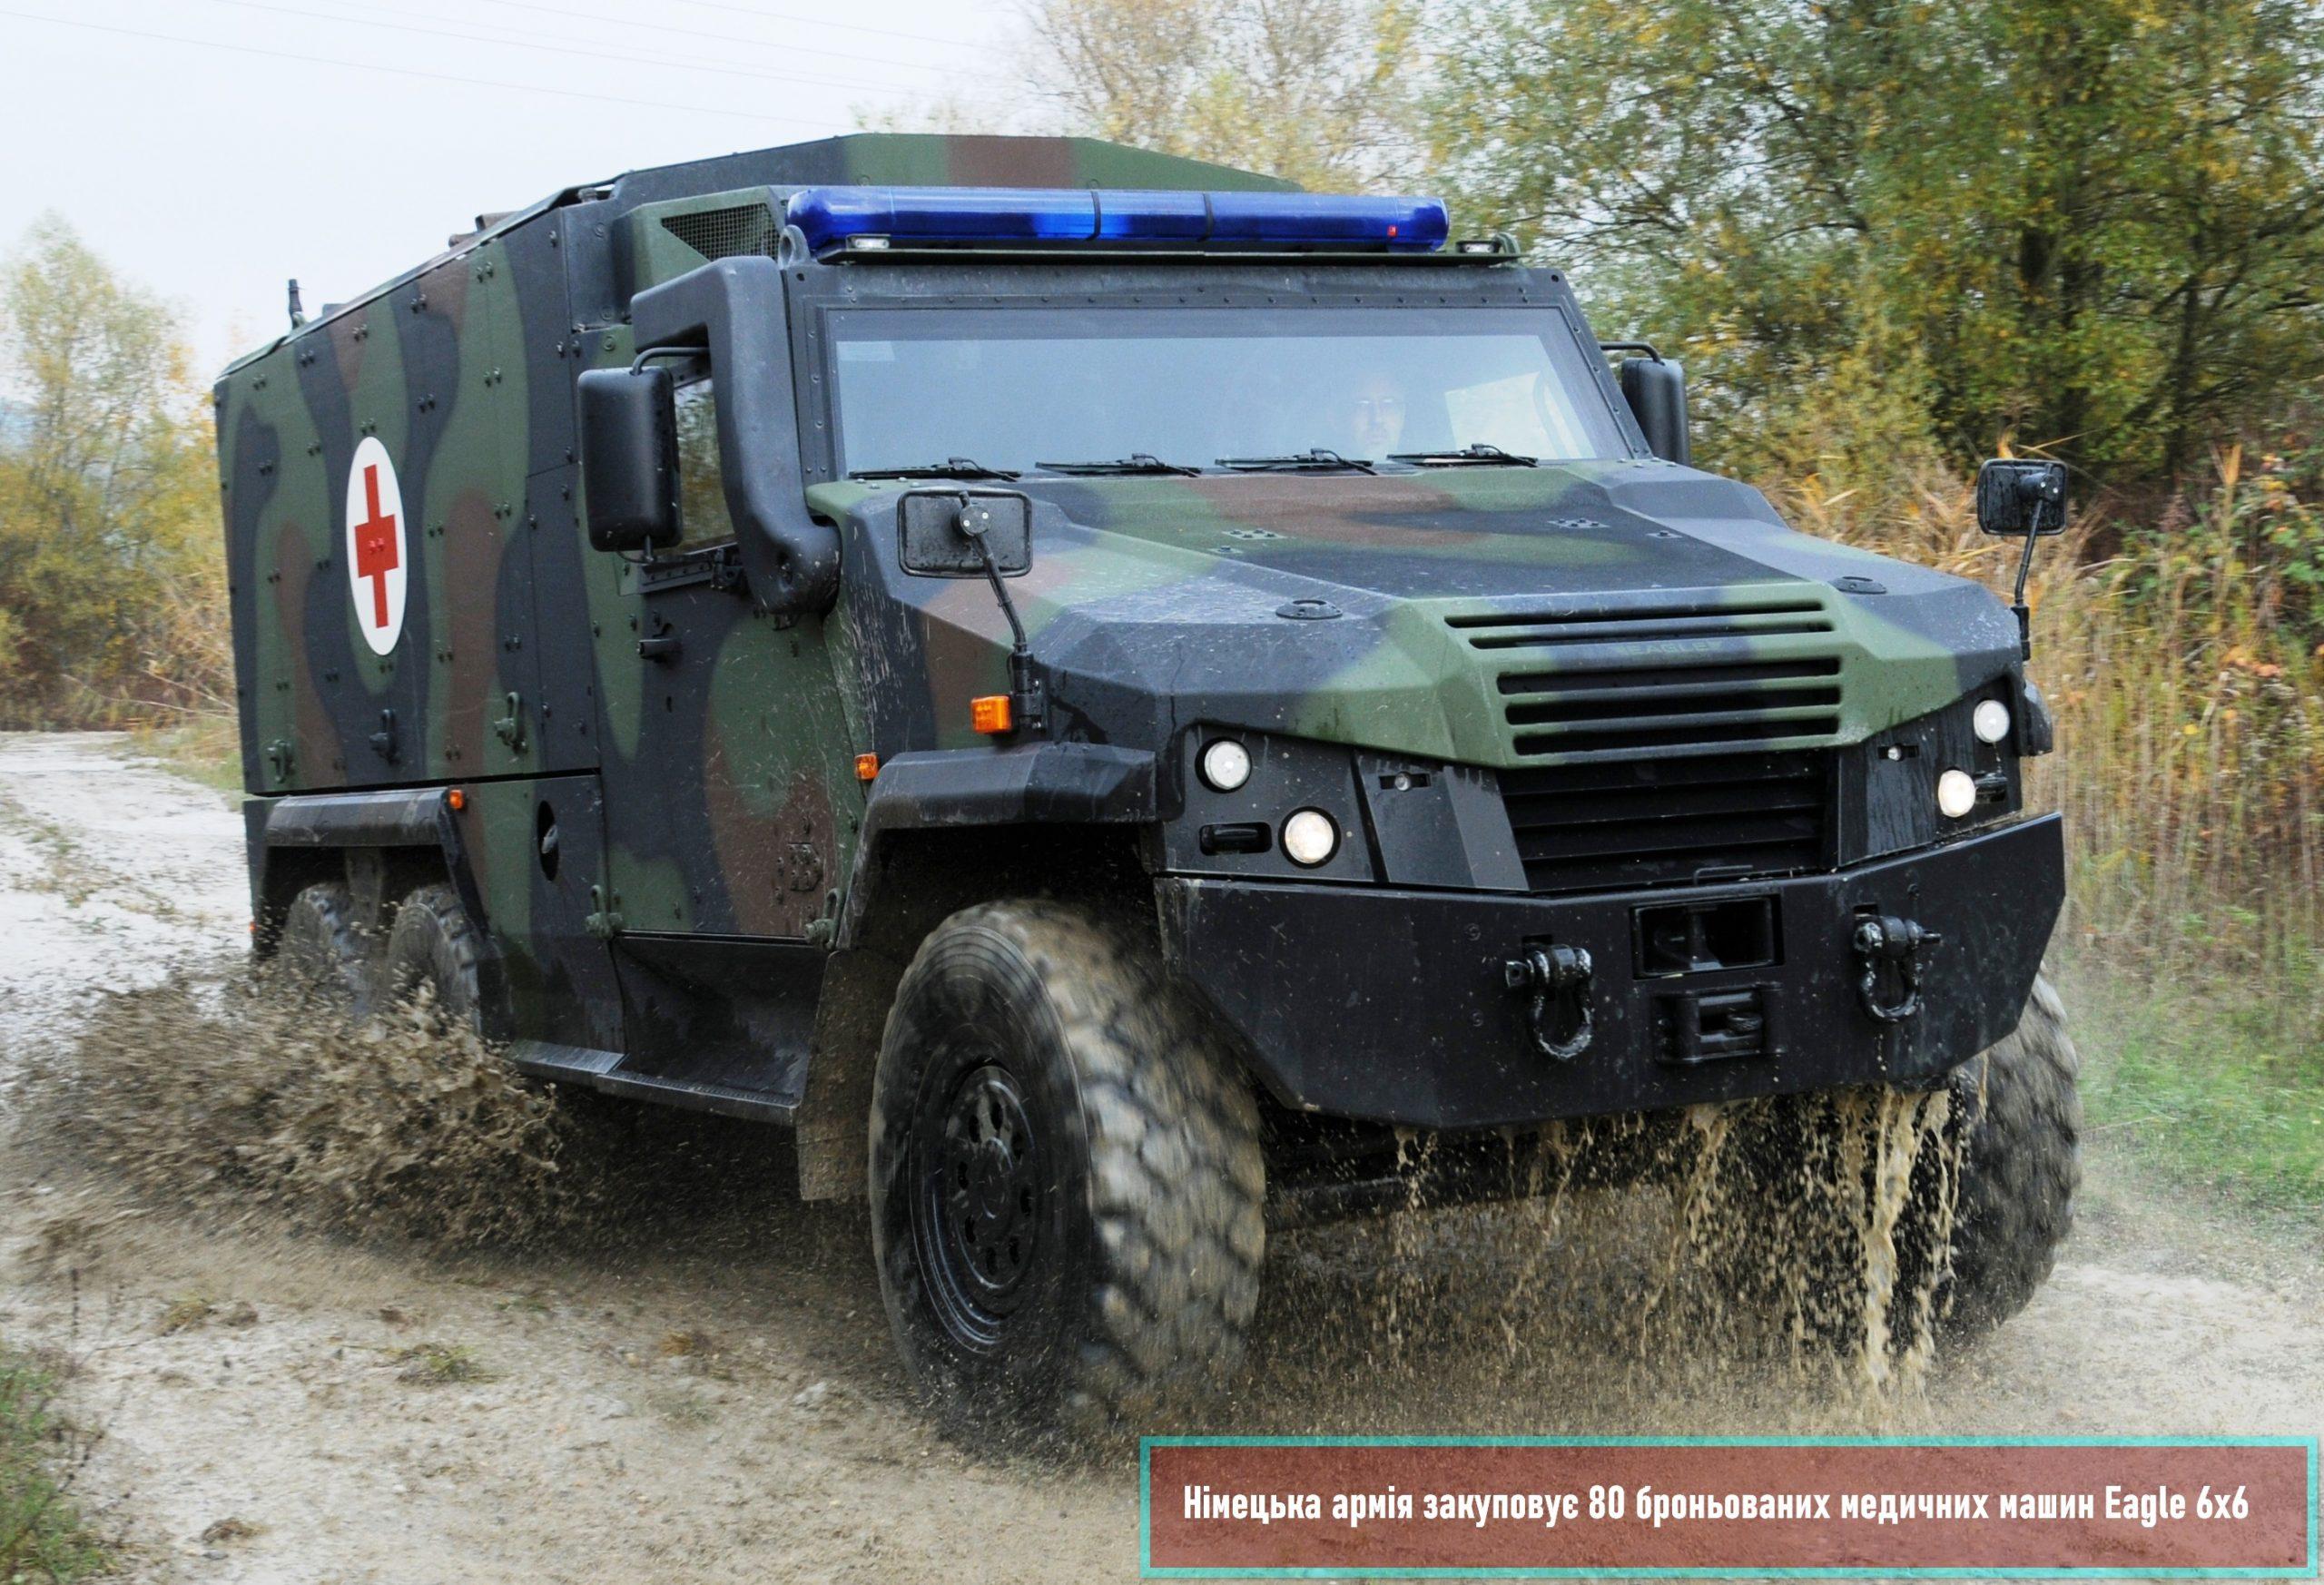 Німецька армія закуповує 80 броньованих медичних машин Eagle 6×6